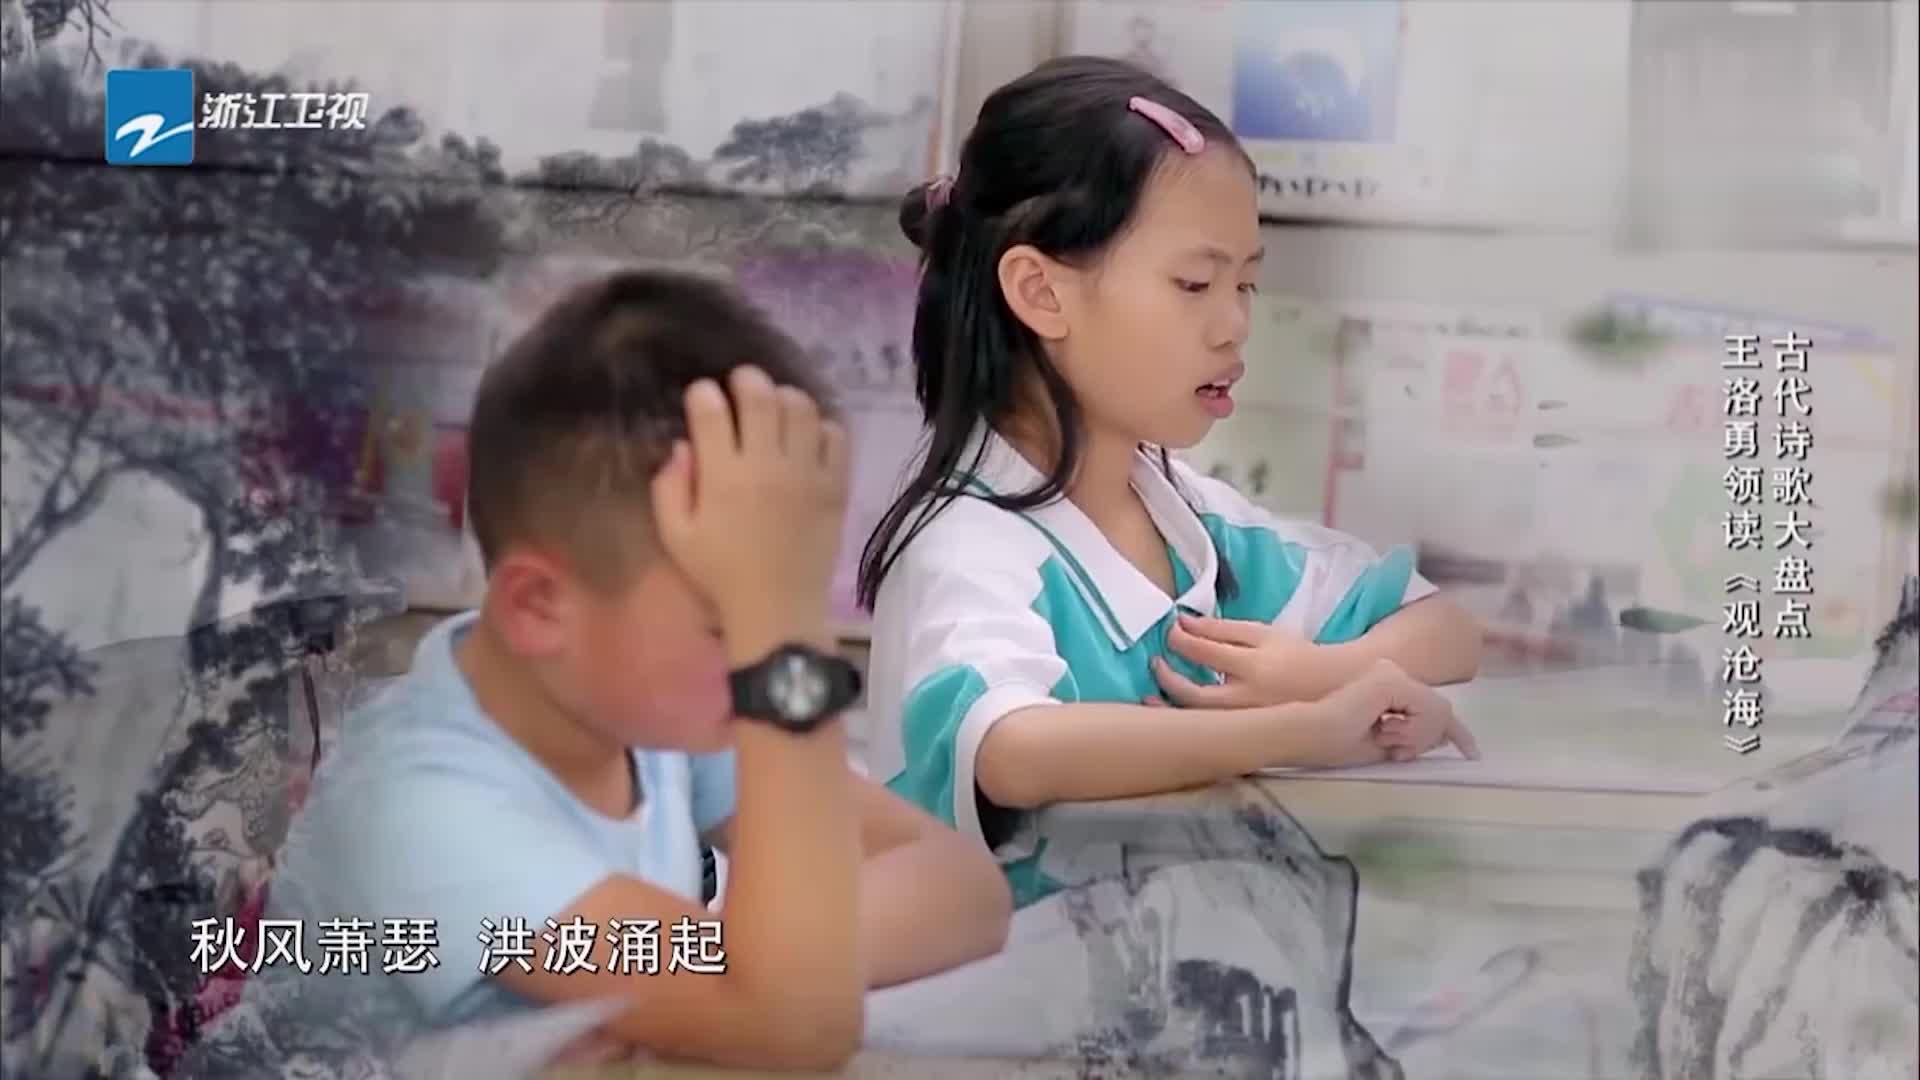 同一堂课:老师手舞足蹈解读诗歌,孩子们也跟着一起,课堂好欢乐